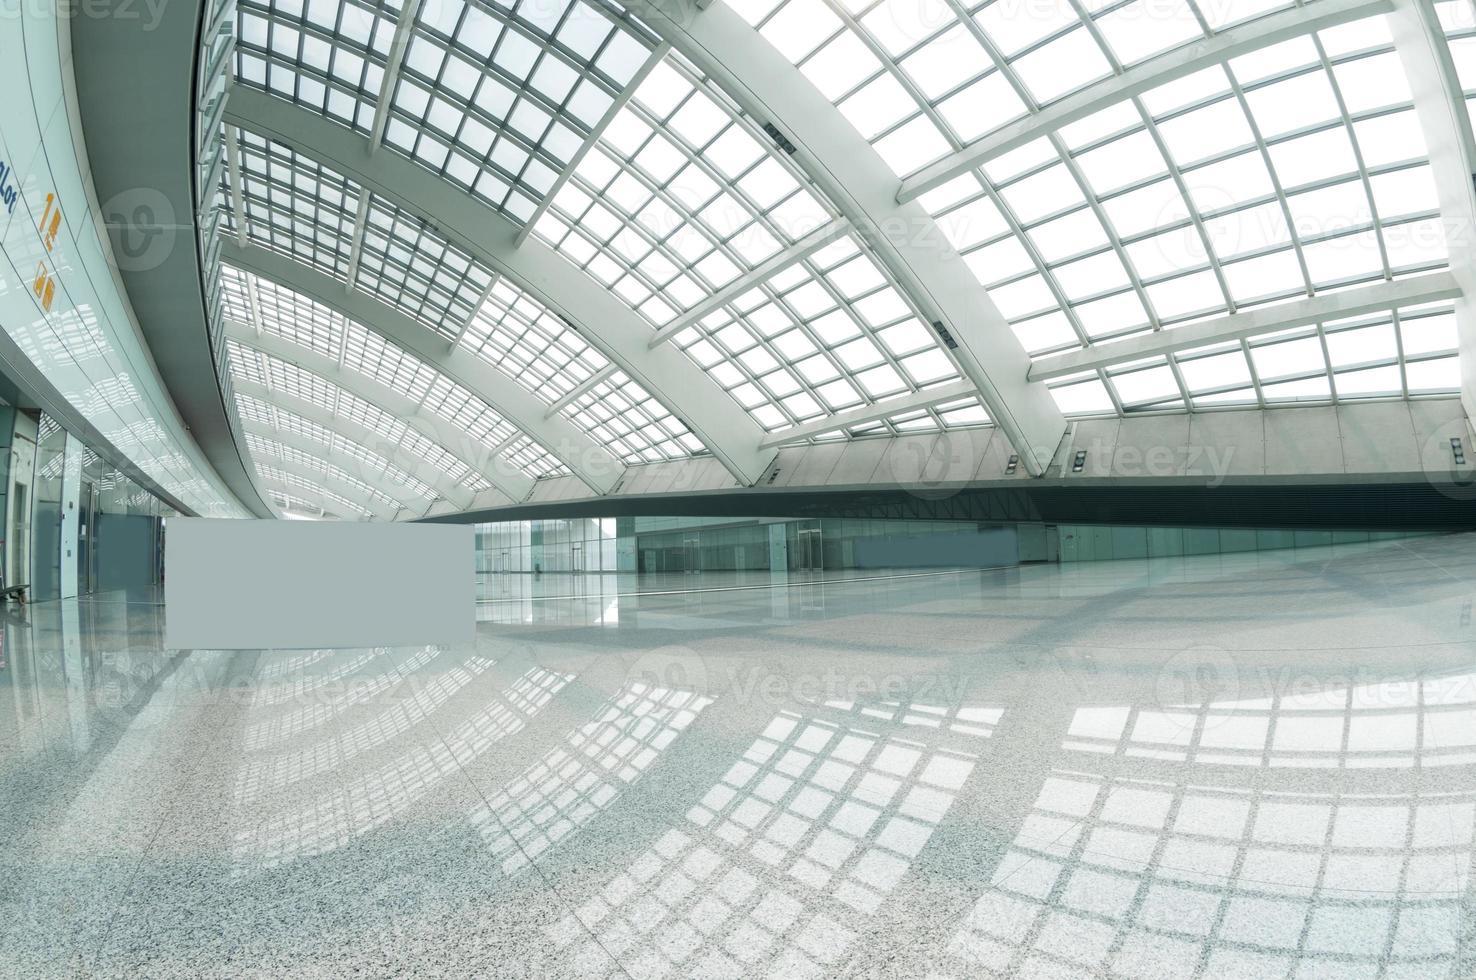 centre commercial moderne de la station de métro de l'aéroport de beijin. photo